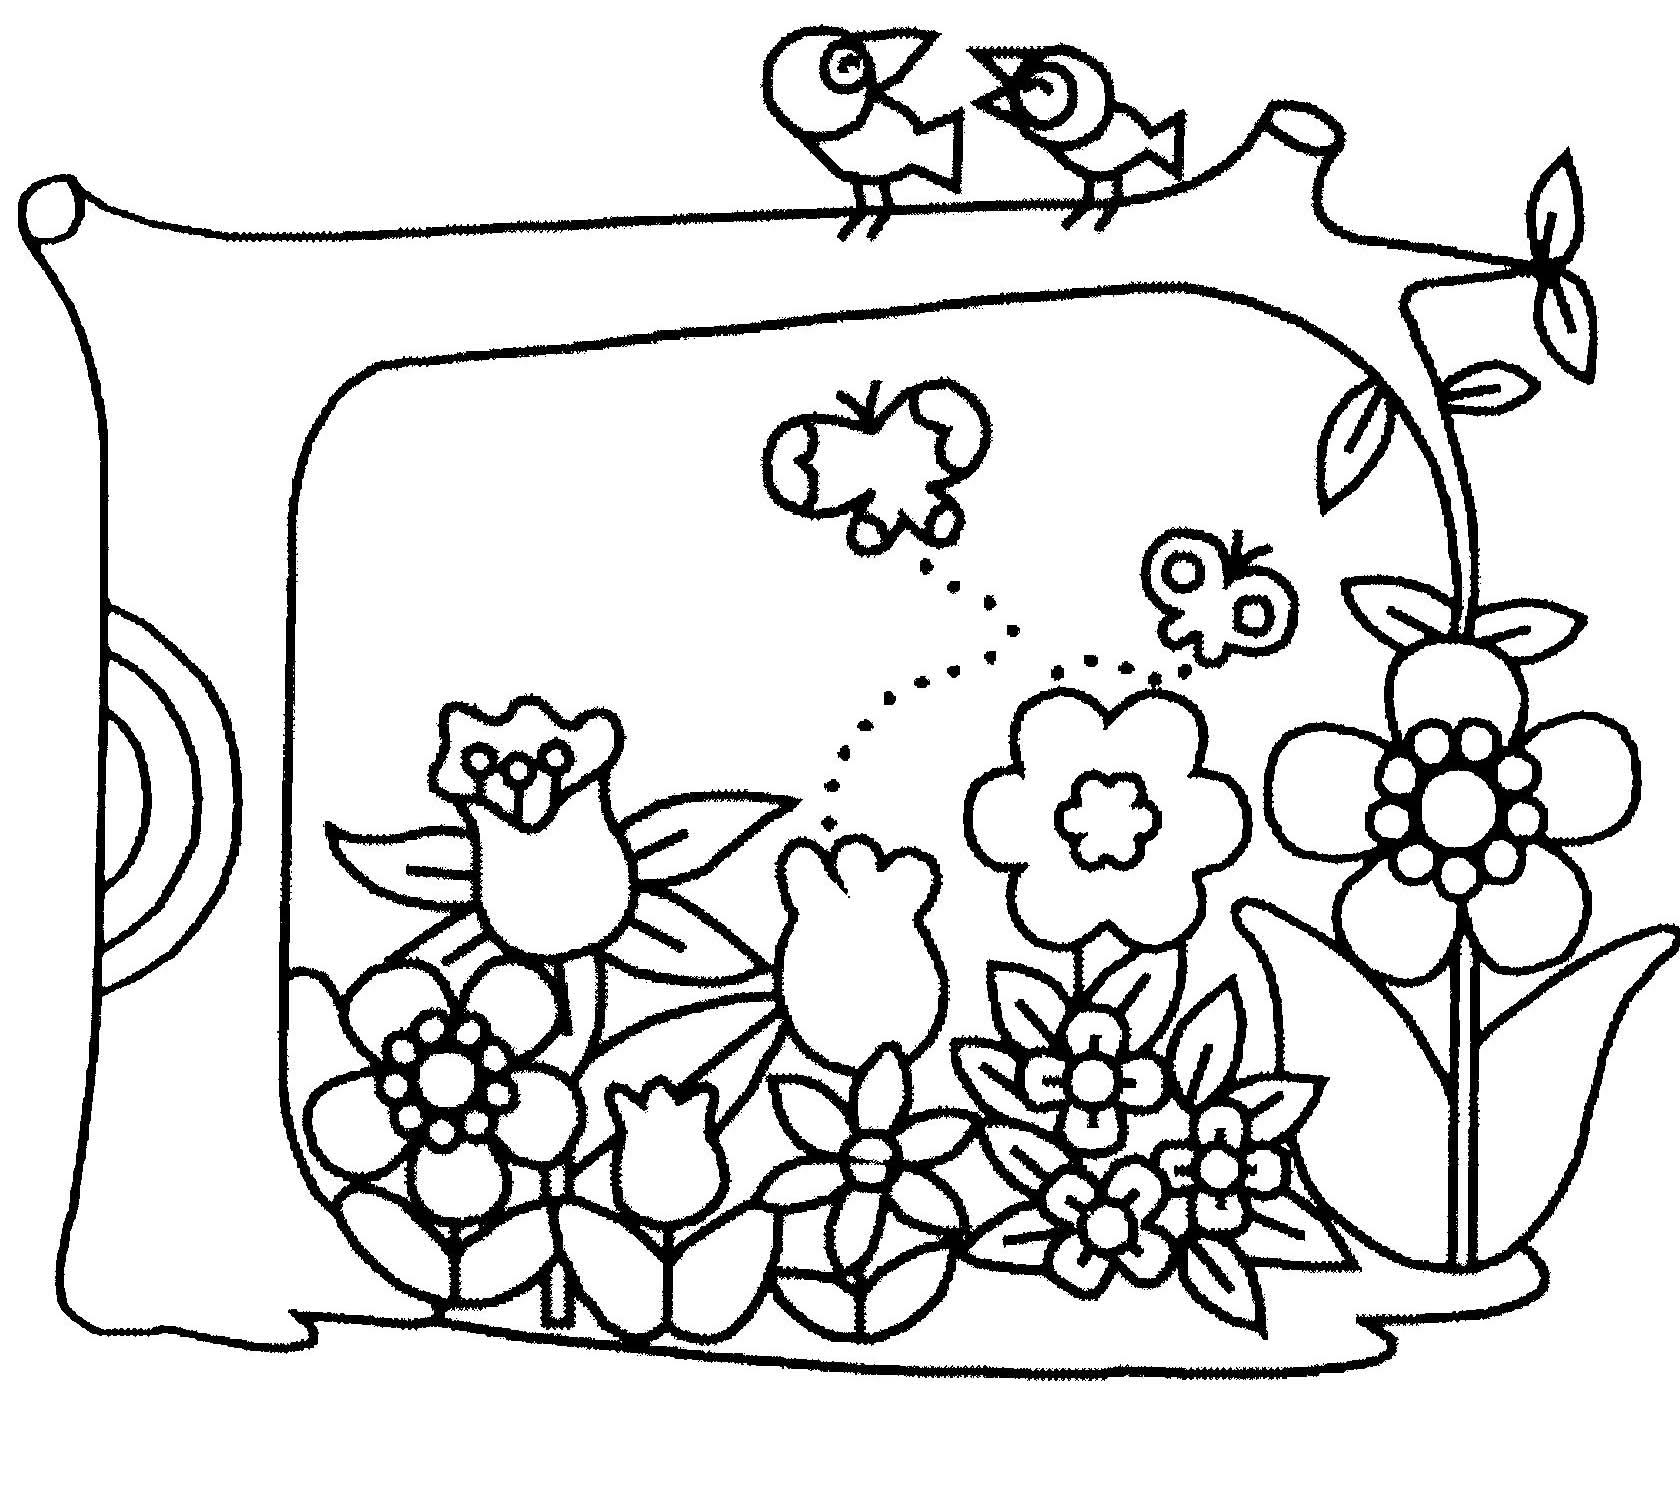 Nouveau Dessin à Imprimer Gratuit Fleurs